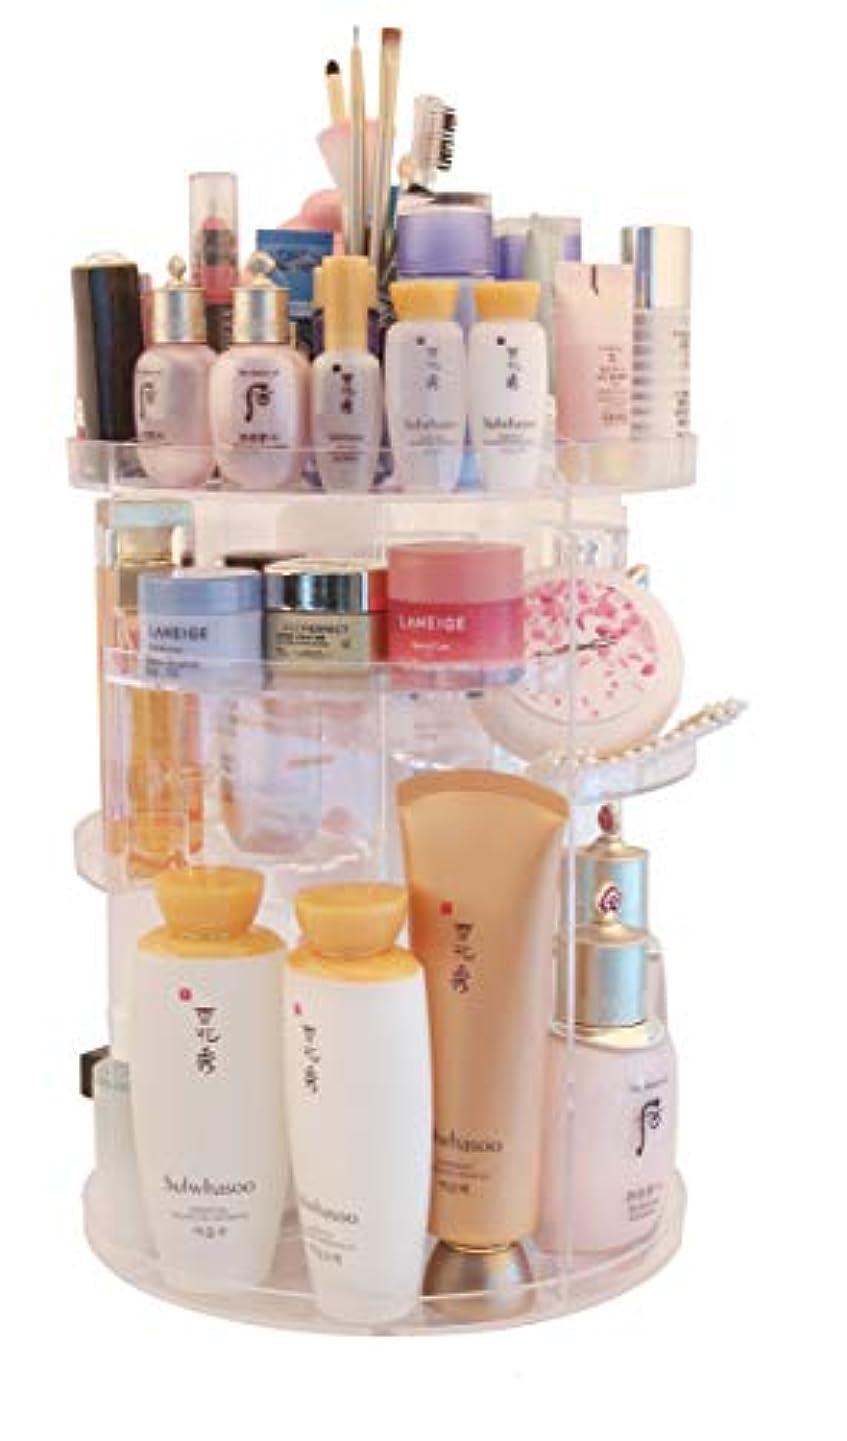 階段腰リハーサル化粧品収納ボックス 360度回転式大容量メイクボックス 多機能高さ調節可能コスメボックス